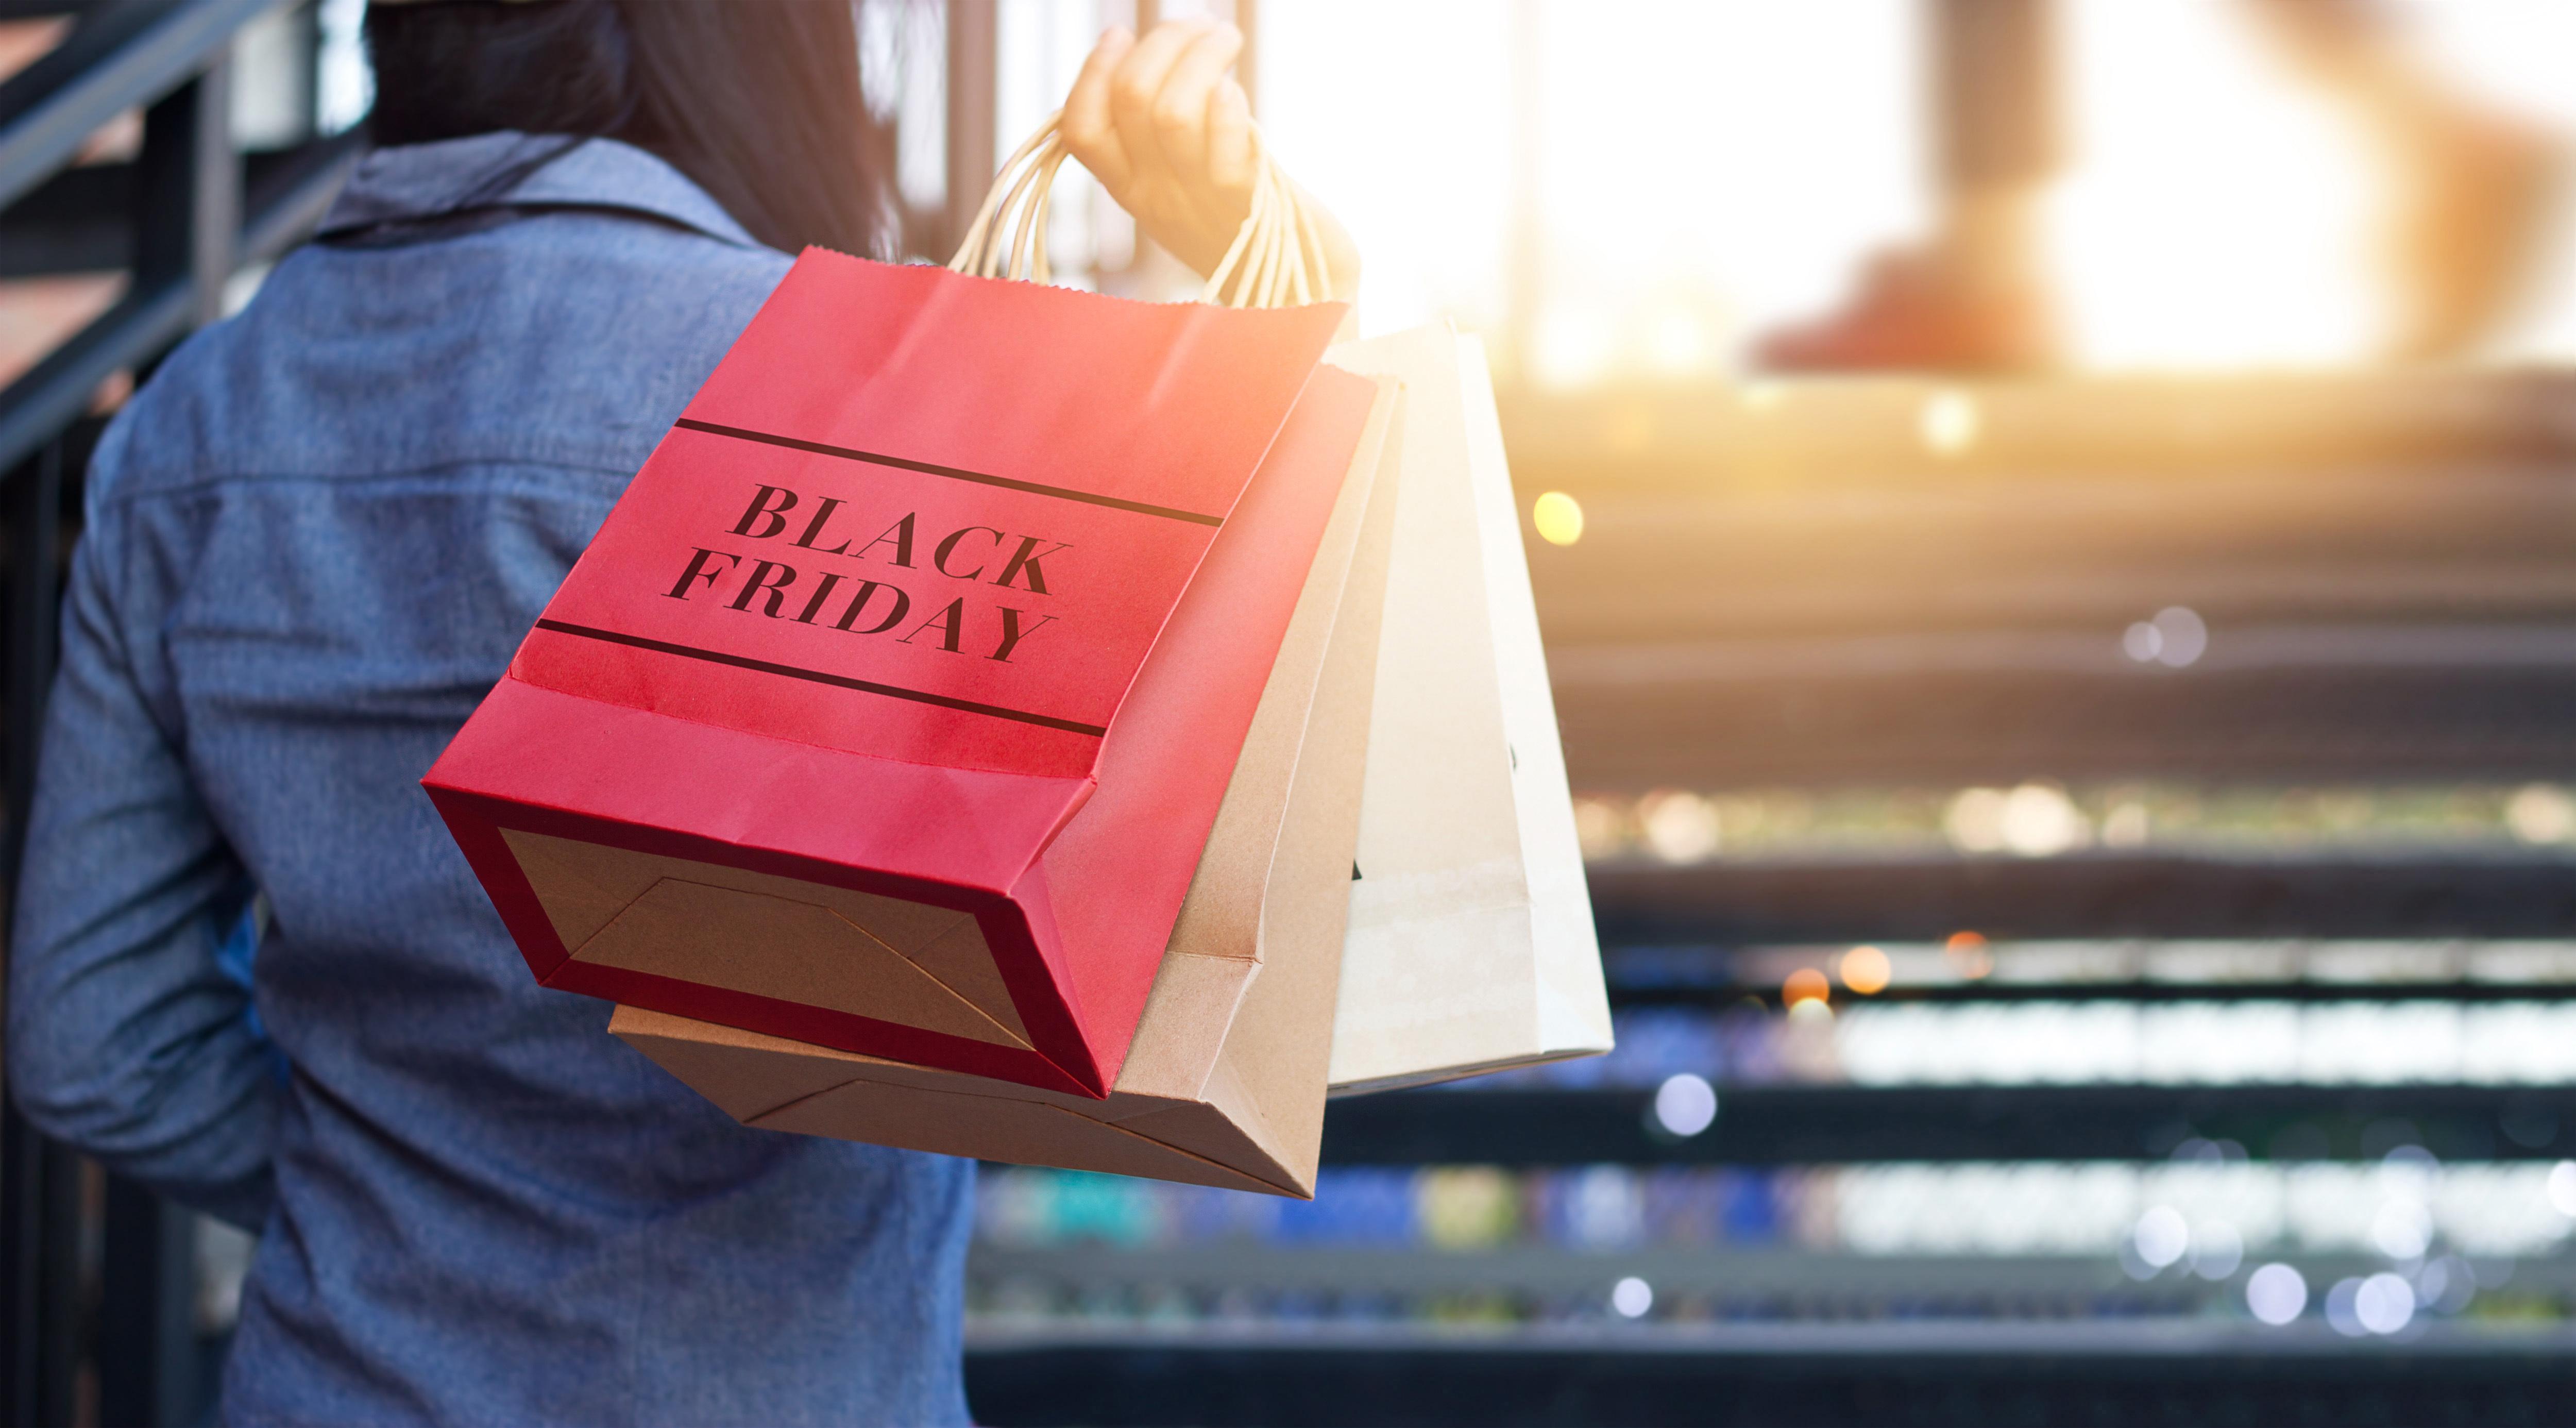 Após a venda da mercadoria o lojista não é obrigado a efetuar trocas